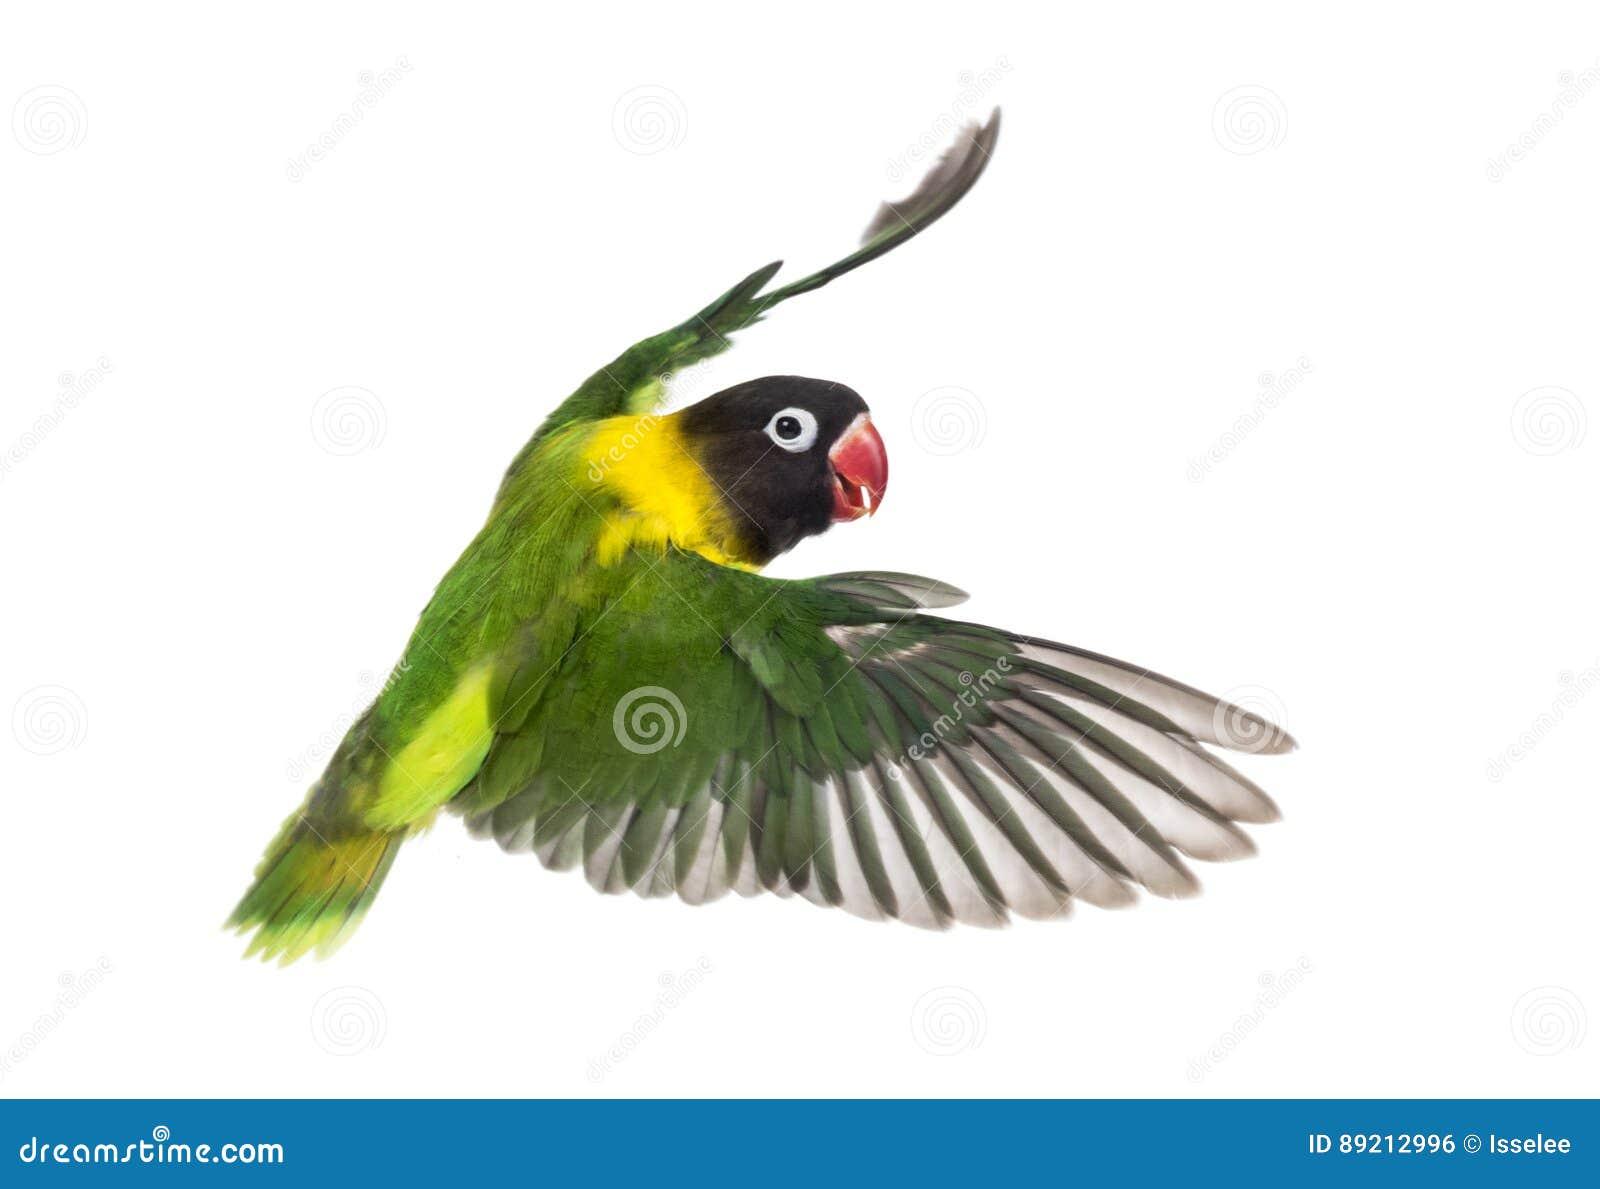 黄色抓住衣领口的爱情鸟飞行,被隔绝